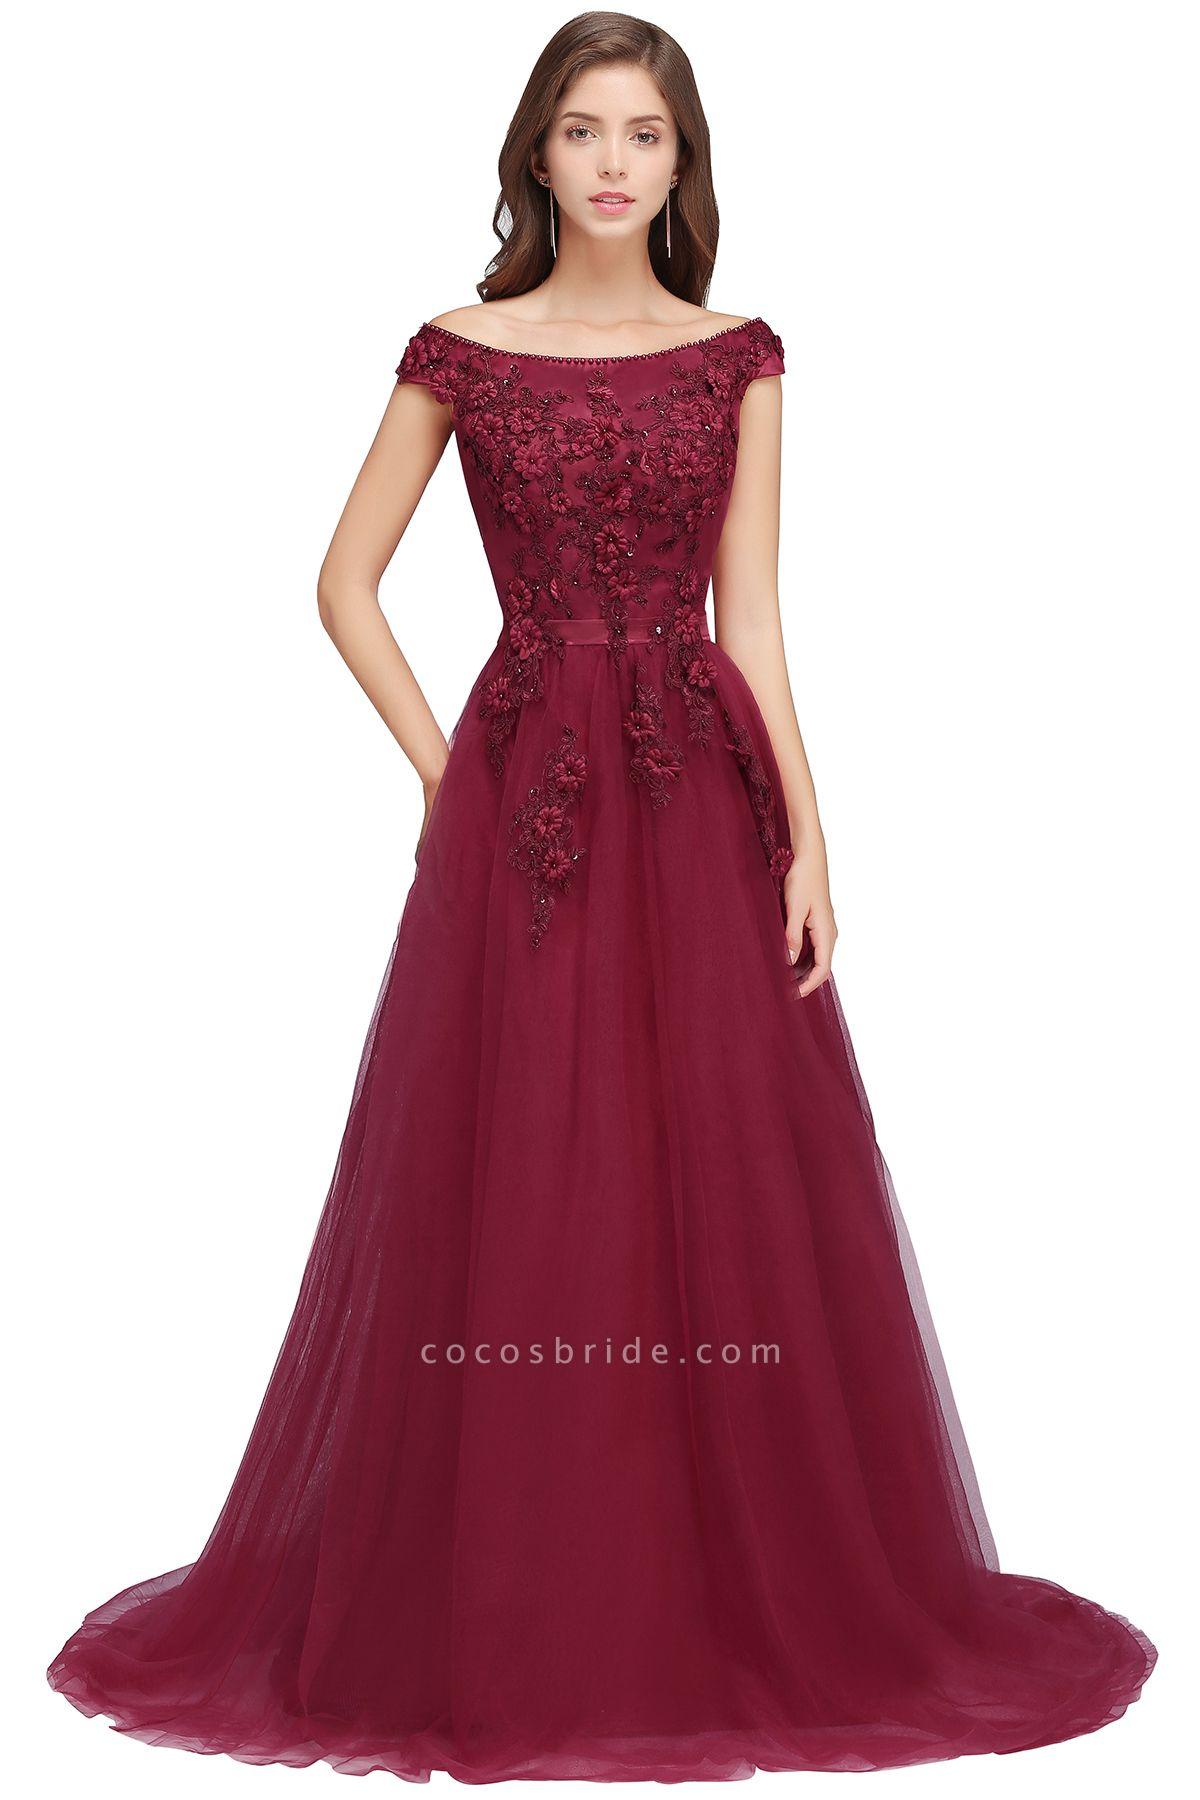 Sleek Off-the-shoulder Tulle A-line Evening Dress